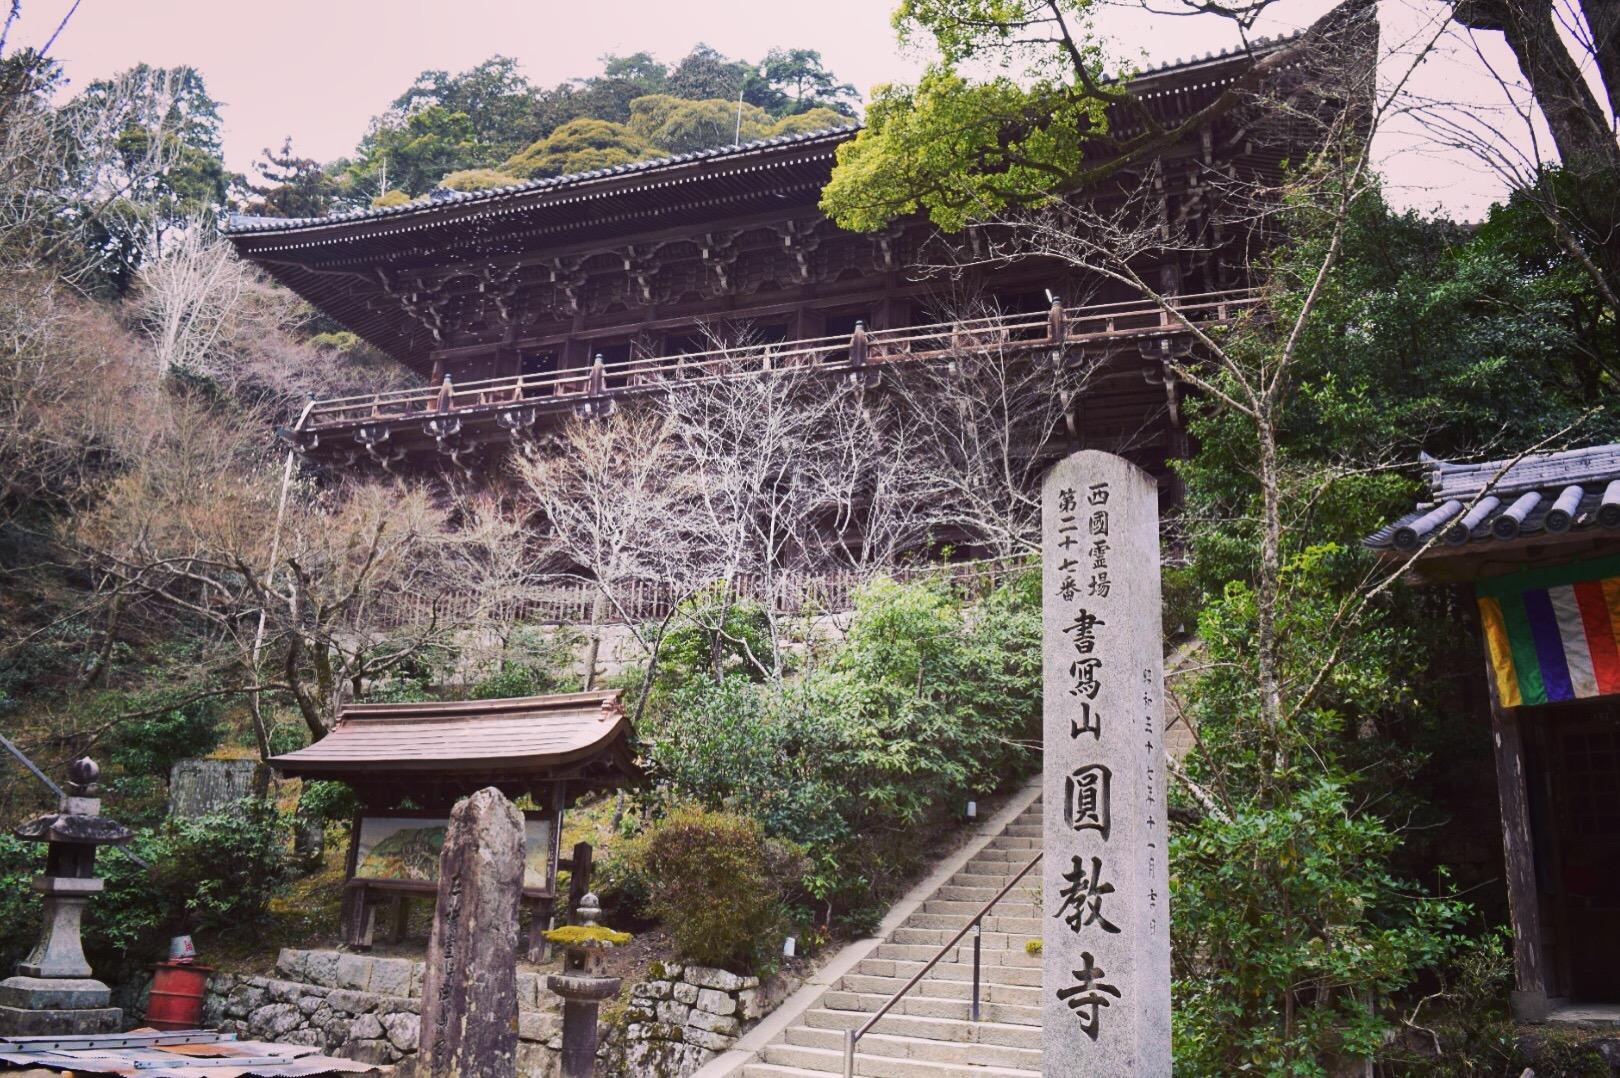 【必見】姫路の穴場観光スポット